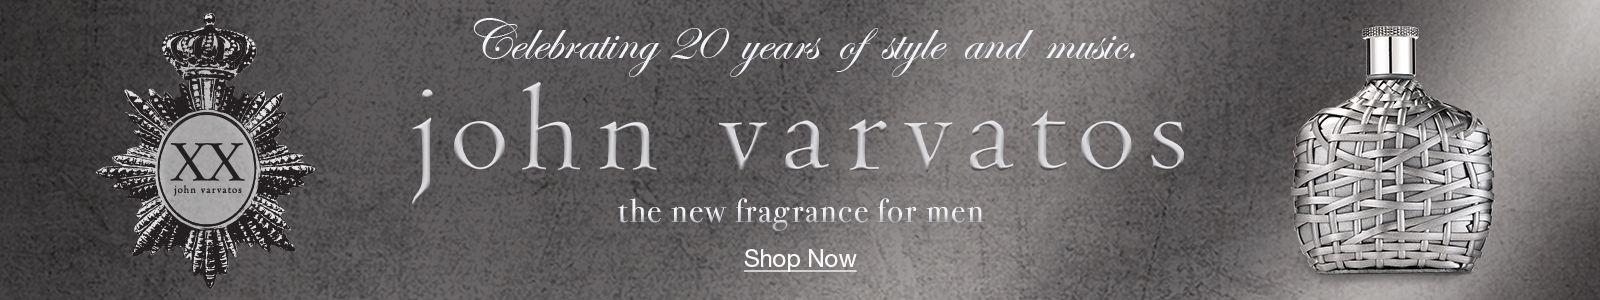 John varvatos, Shop Now